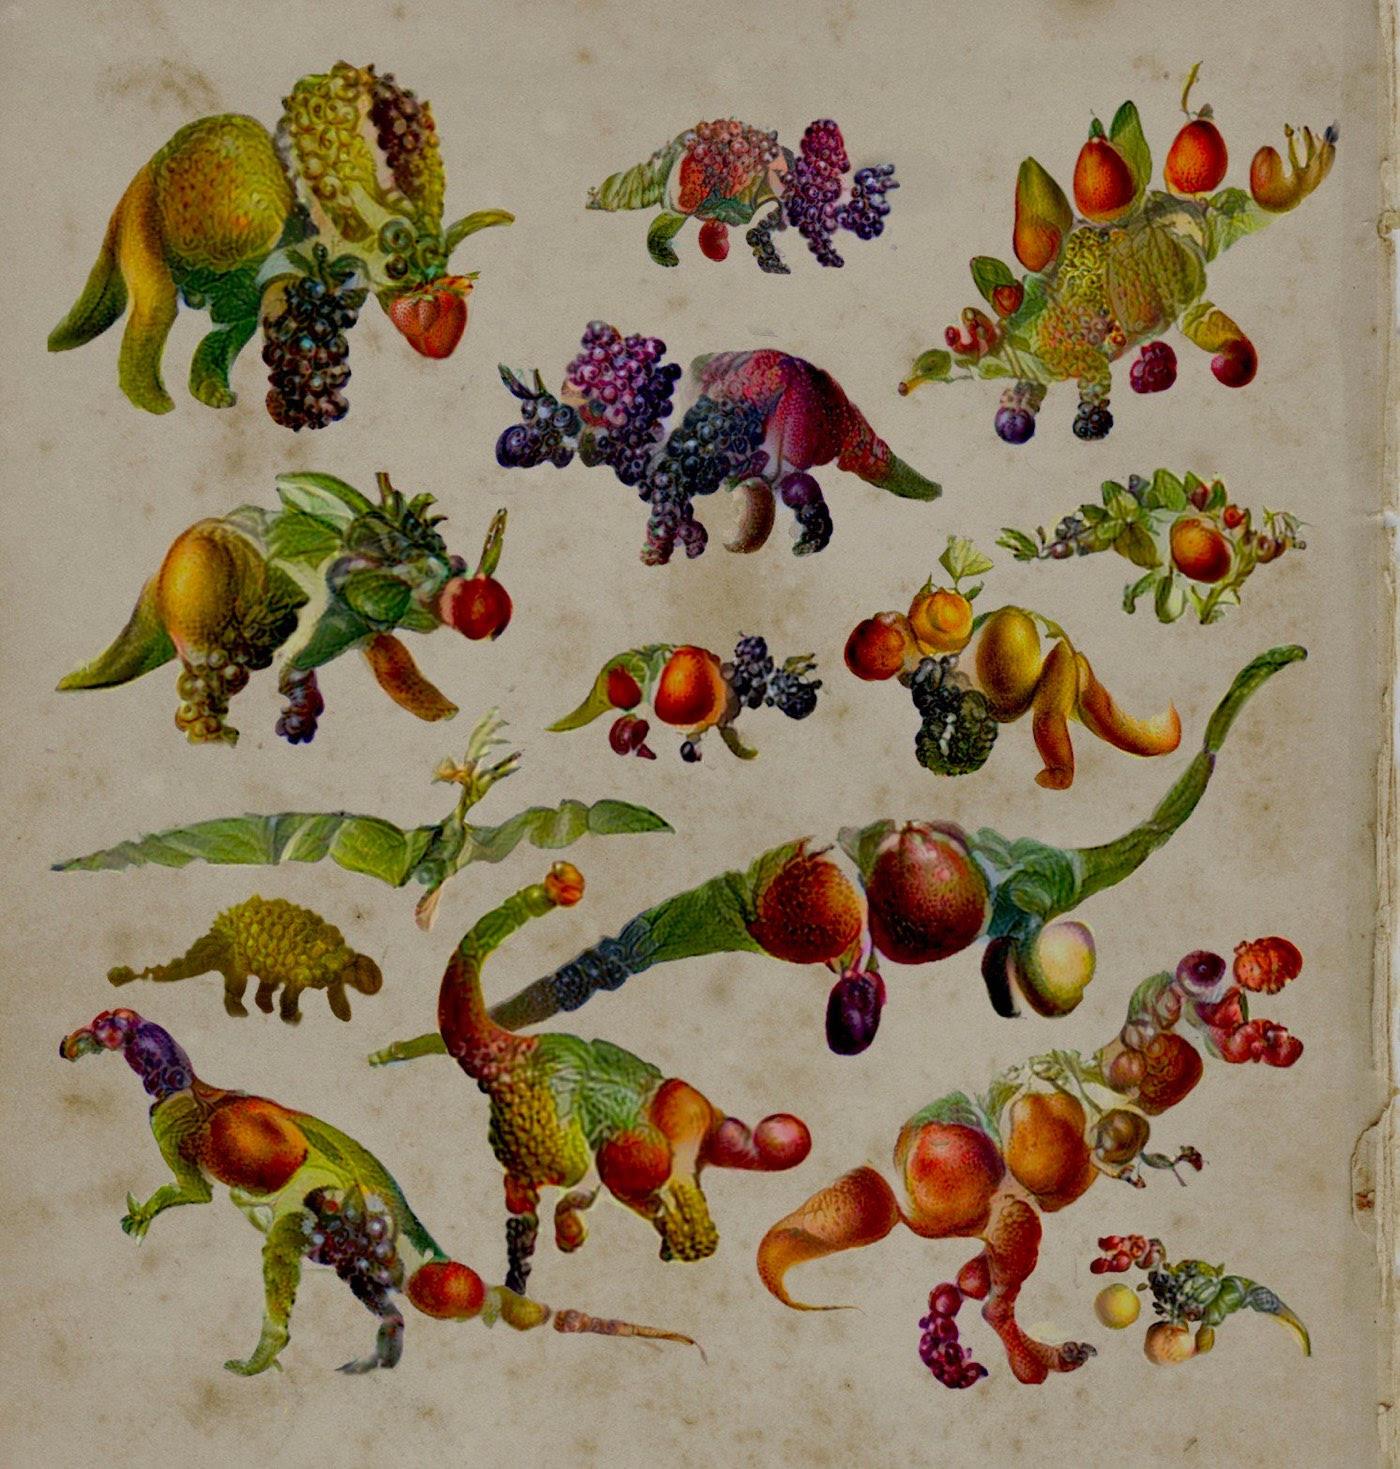 http://kottke.org/17/06/robots-dreaming-of-flowery-dinosaurs